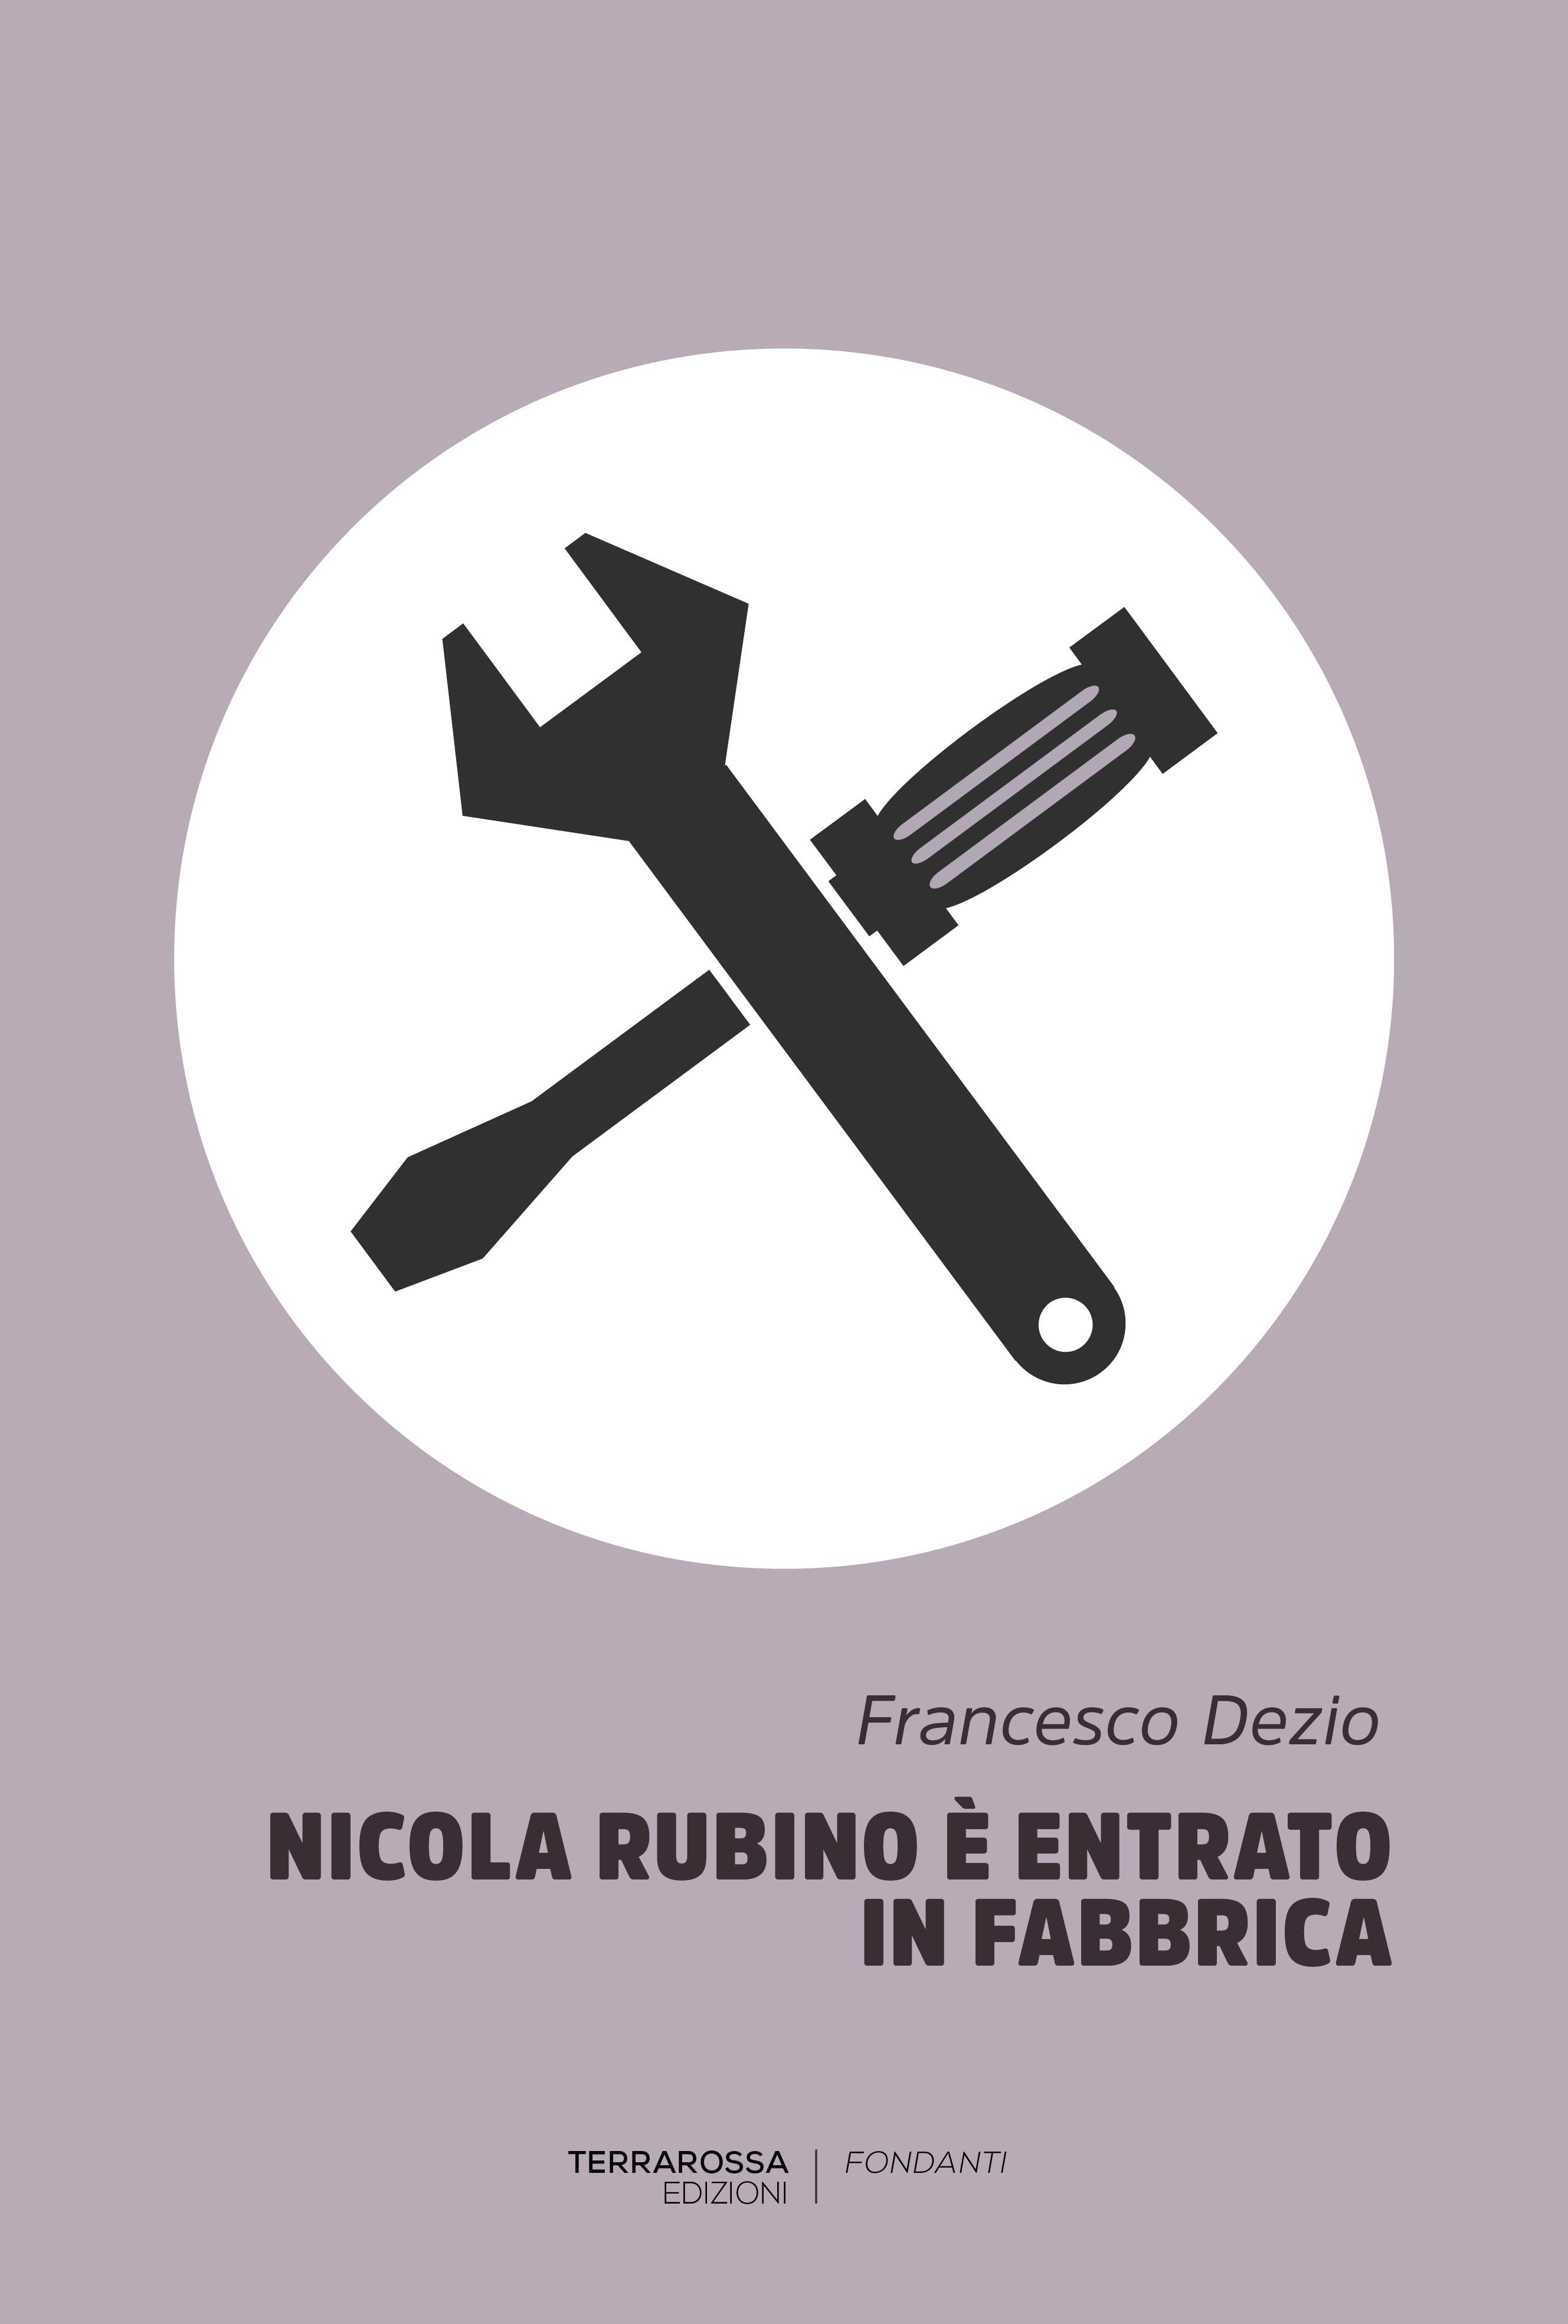 Nicola Rubino in tour – TerraRossa edizioni